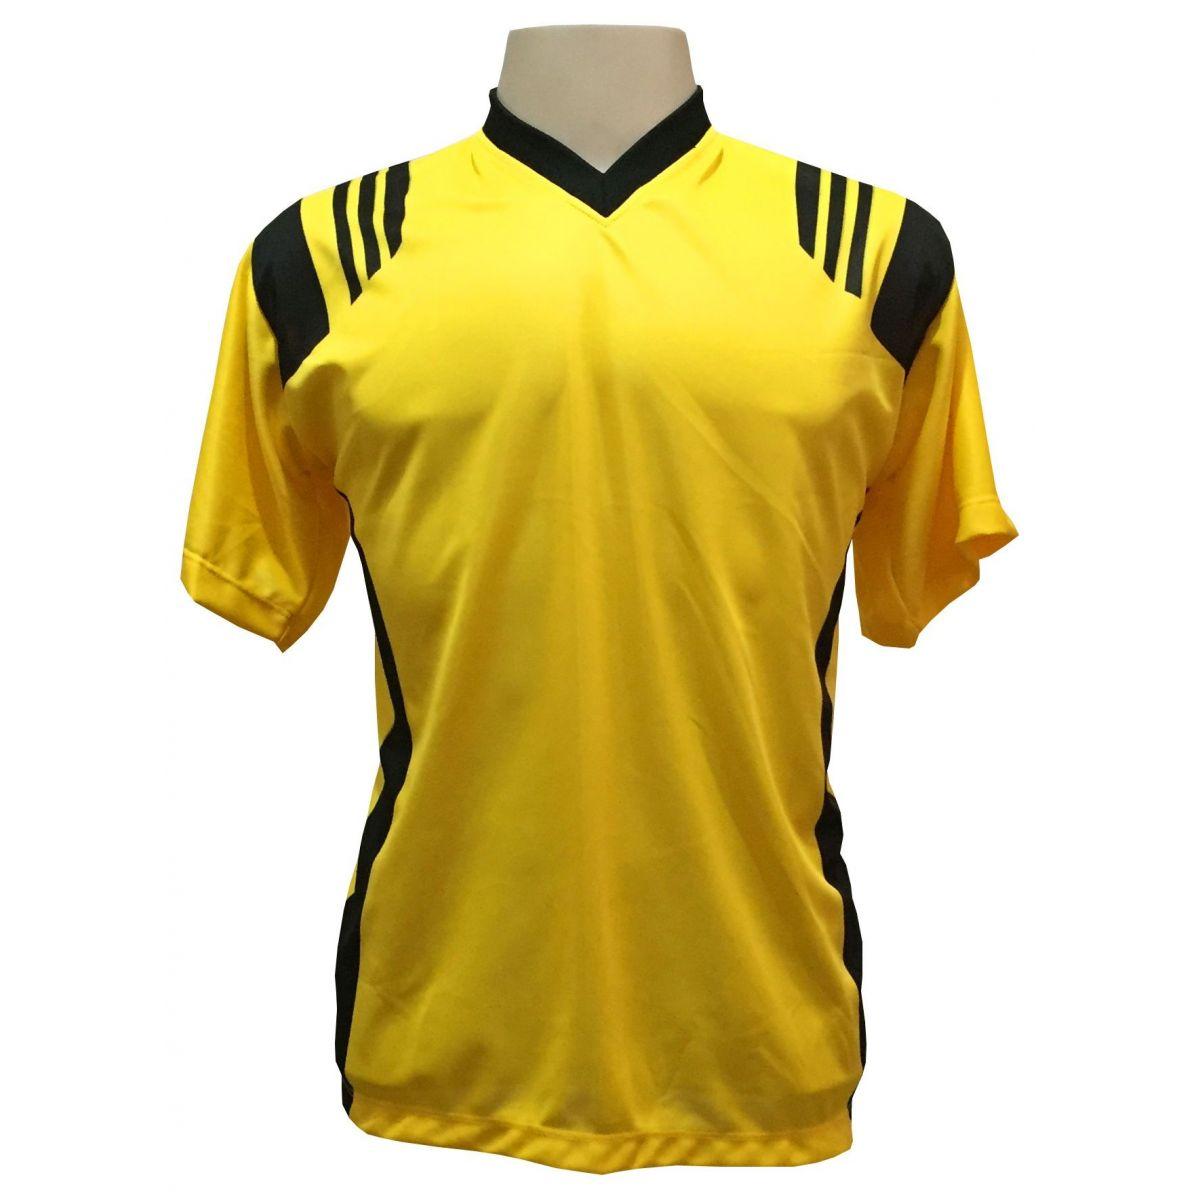 Jogo de Camisa com 12 unidades modelo Roma Amarelo/Preto  - ESTAÇÃO DO ESPORTE